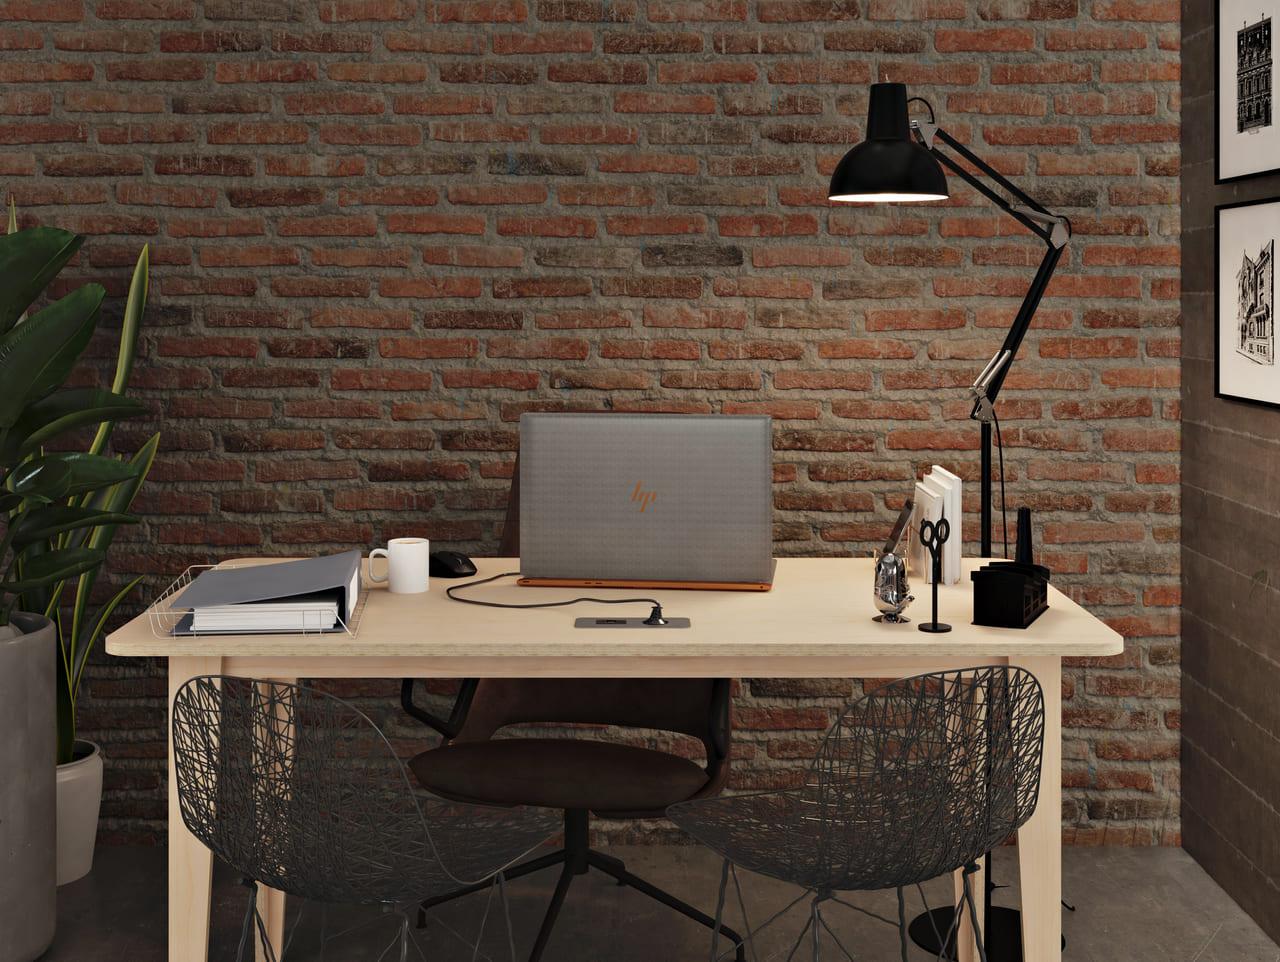 Bureau épuré bois avec 4 pieds droits et un plateau rectangulaire idéal pour travailler seul dans un environnement de travail au style industriel aux briques rouges et aux touches de cuir et de métal noir